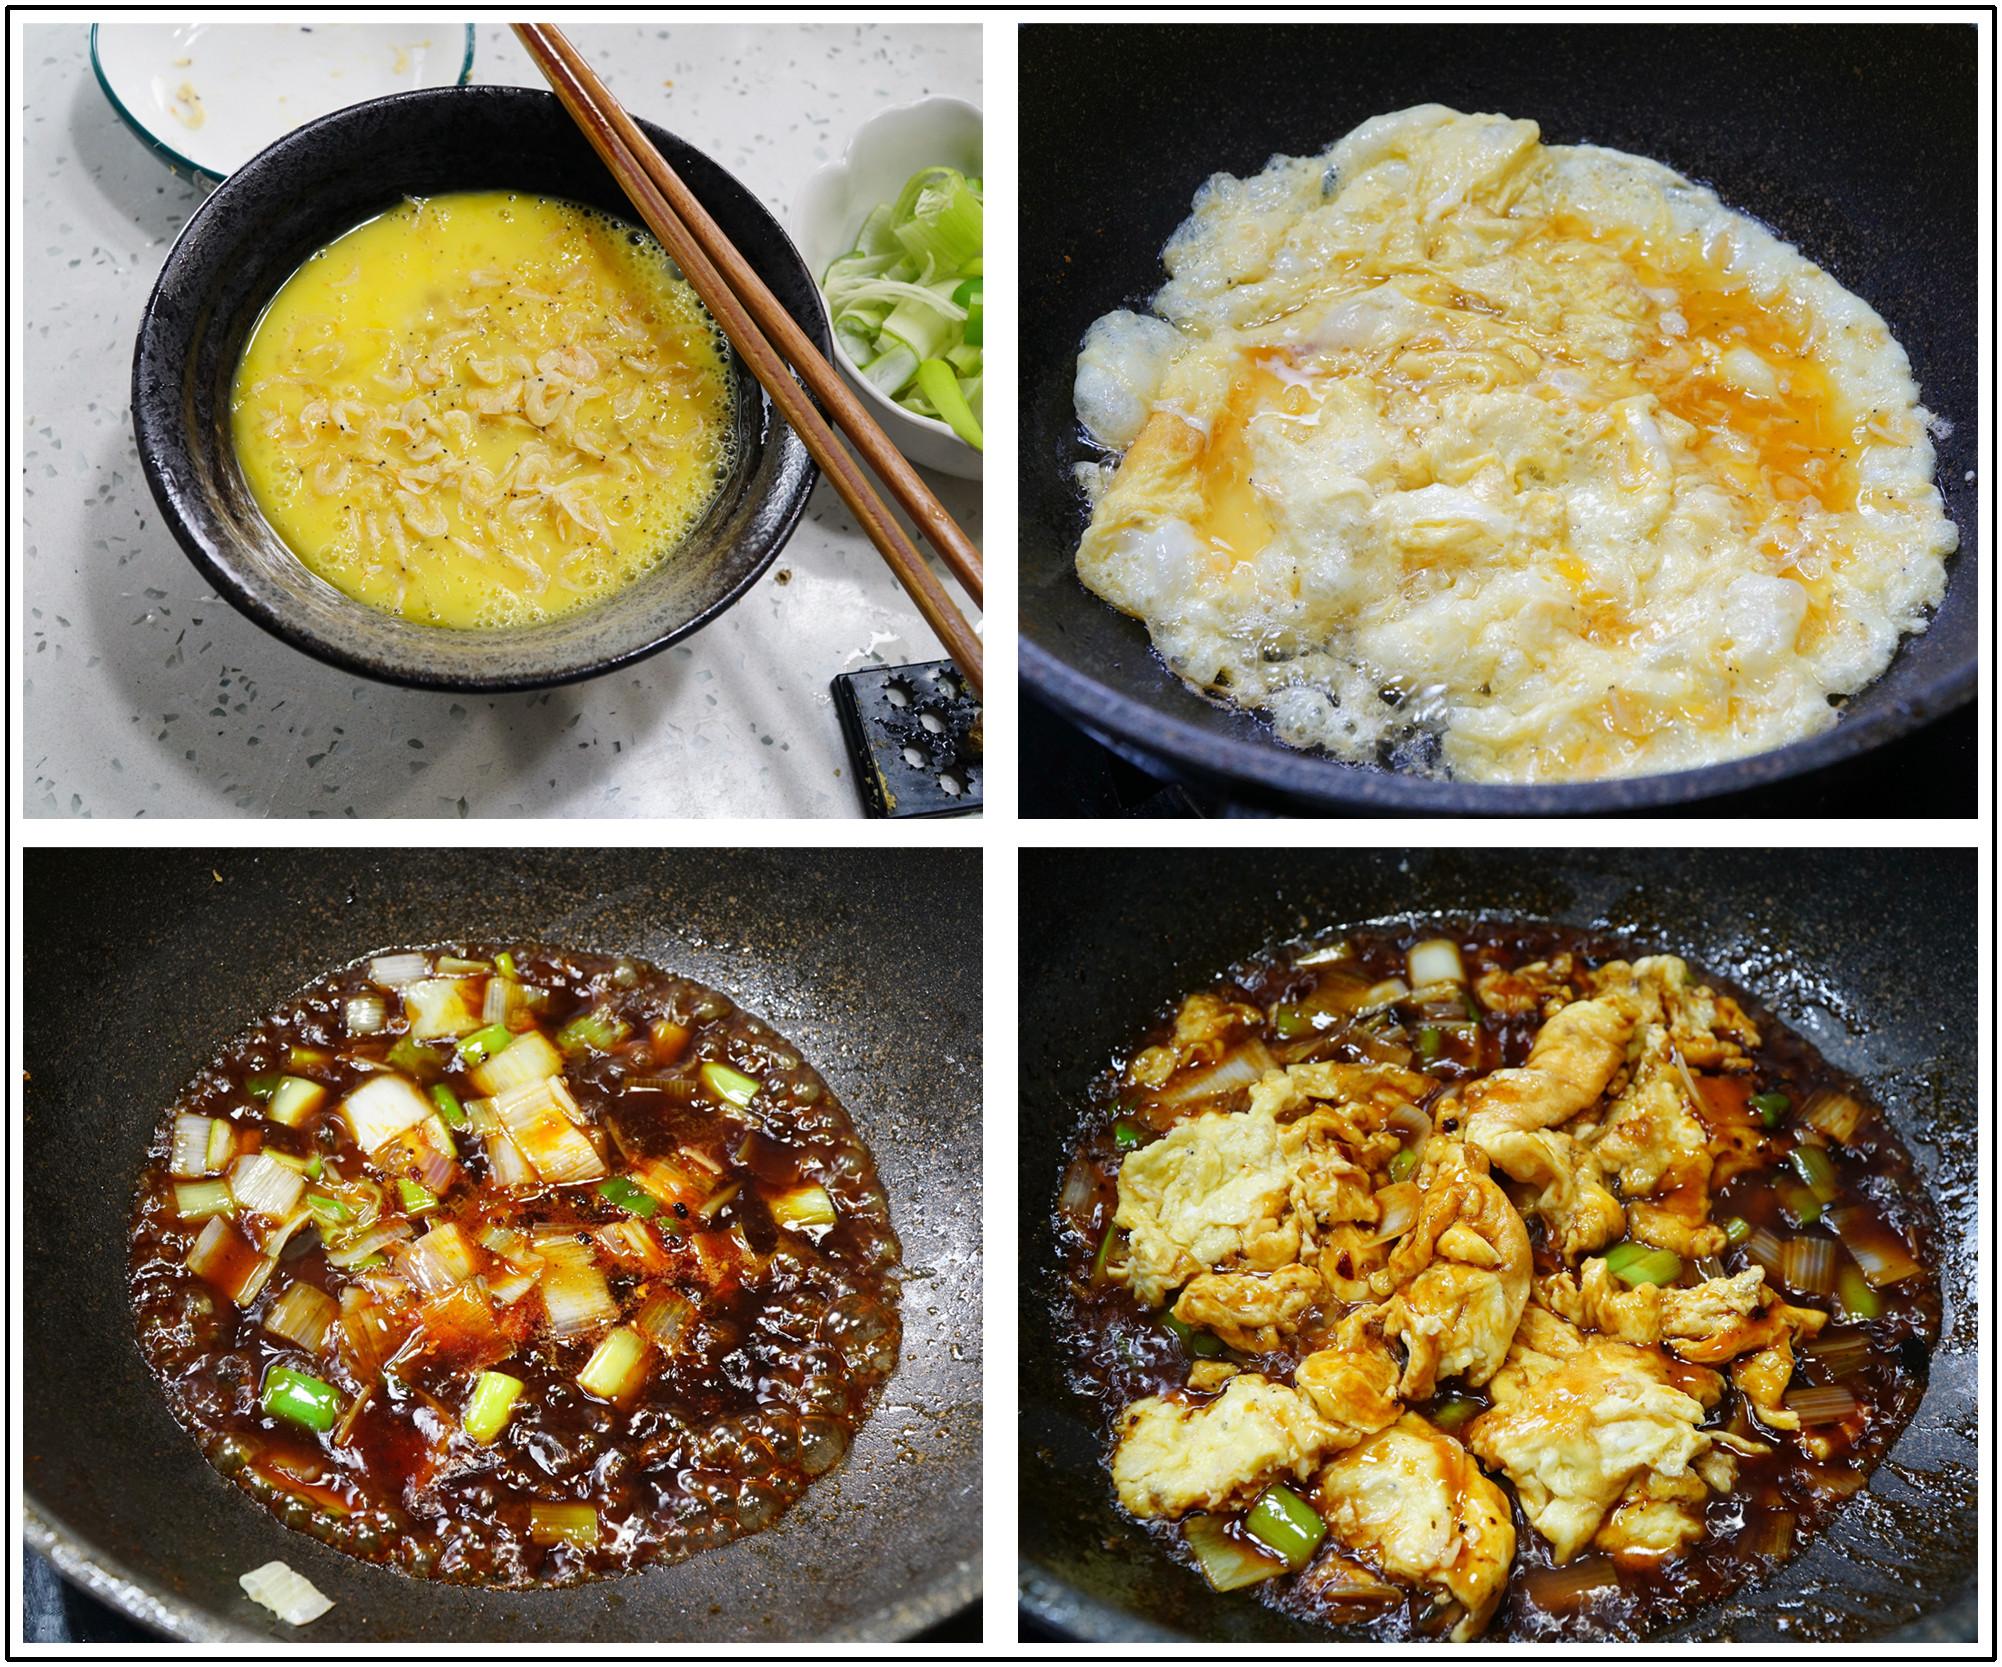 小满到了,适合大热天吃的10道菜,夏天照着做,不愁没好菜了 美食做法 第18张